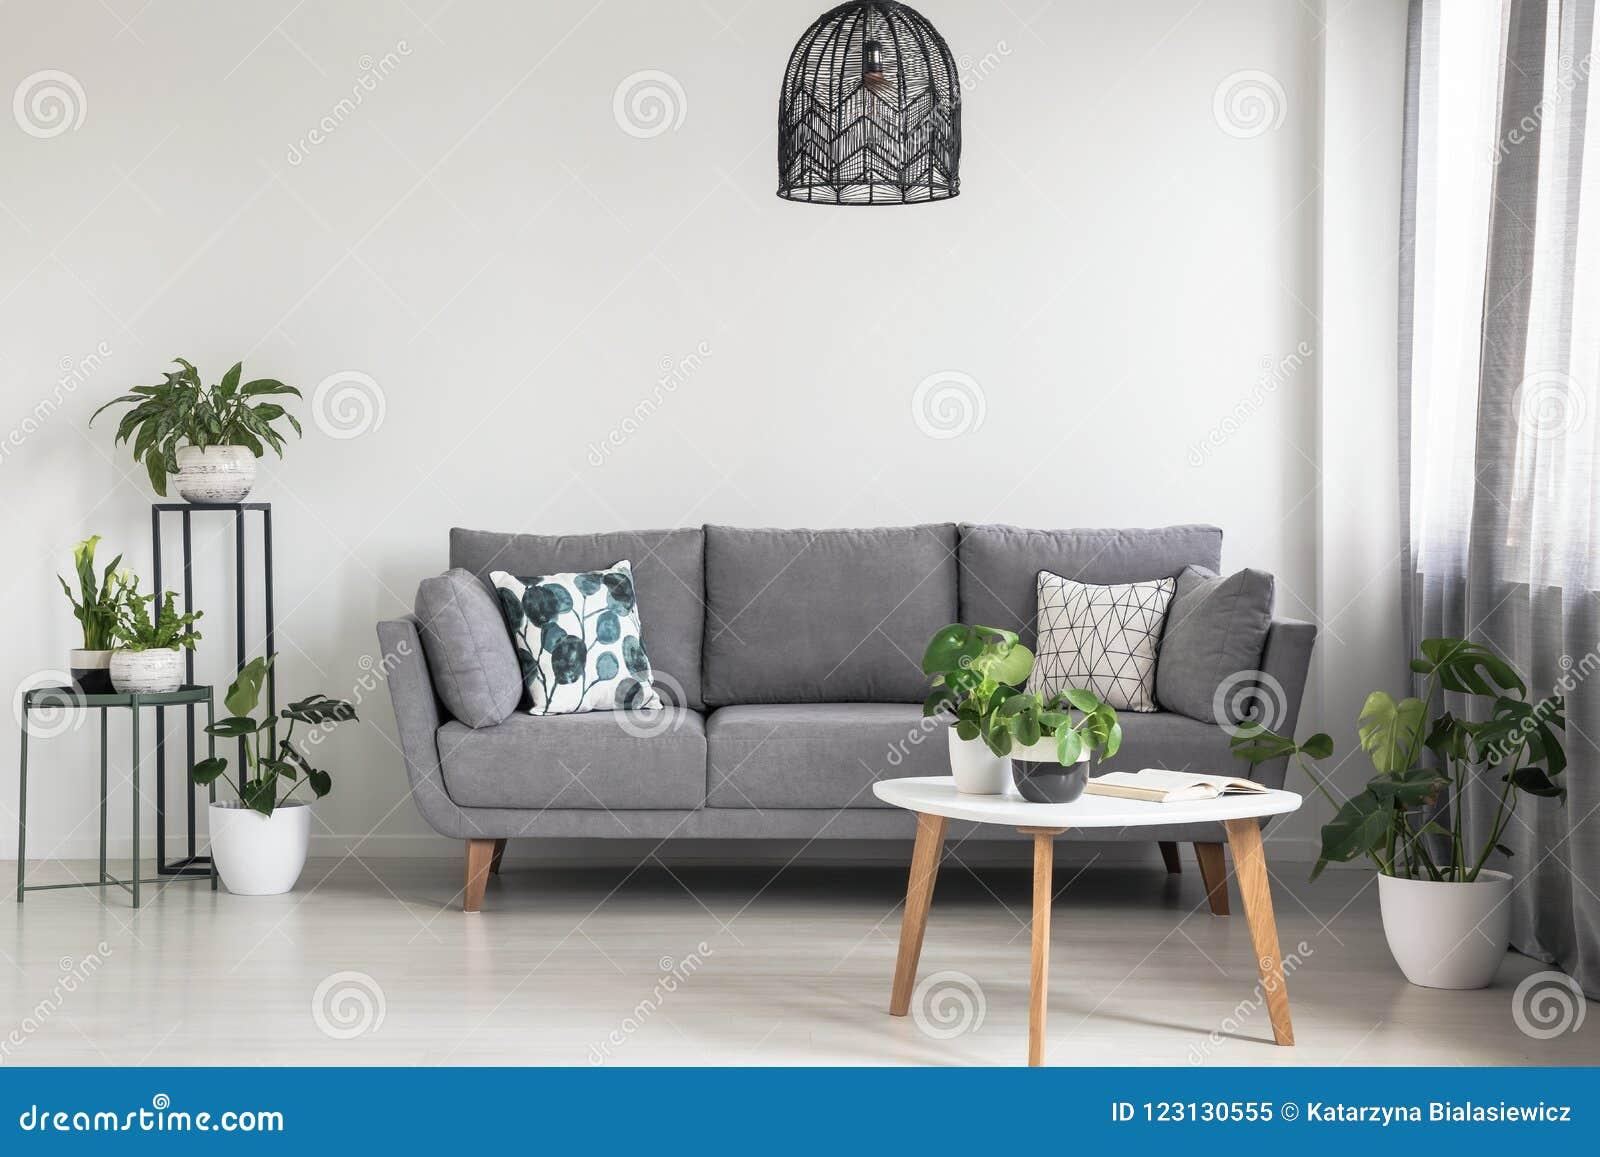 Echte foto van een eenvoudig woonkamerbinnenland met een grijze bank, installaties en koffietafel